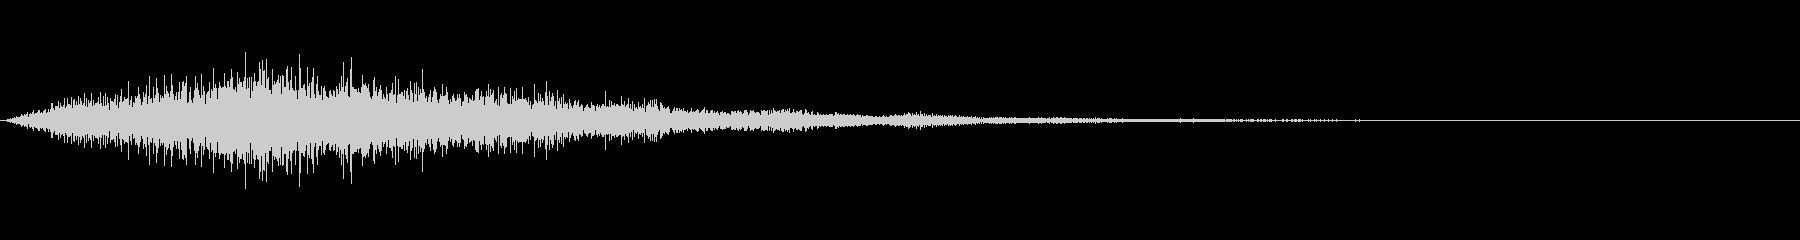 発見(ノイズ有り)2の未再生の波形